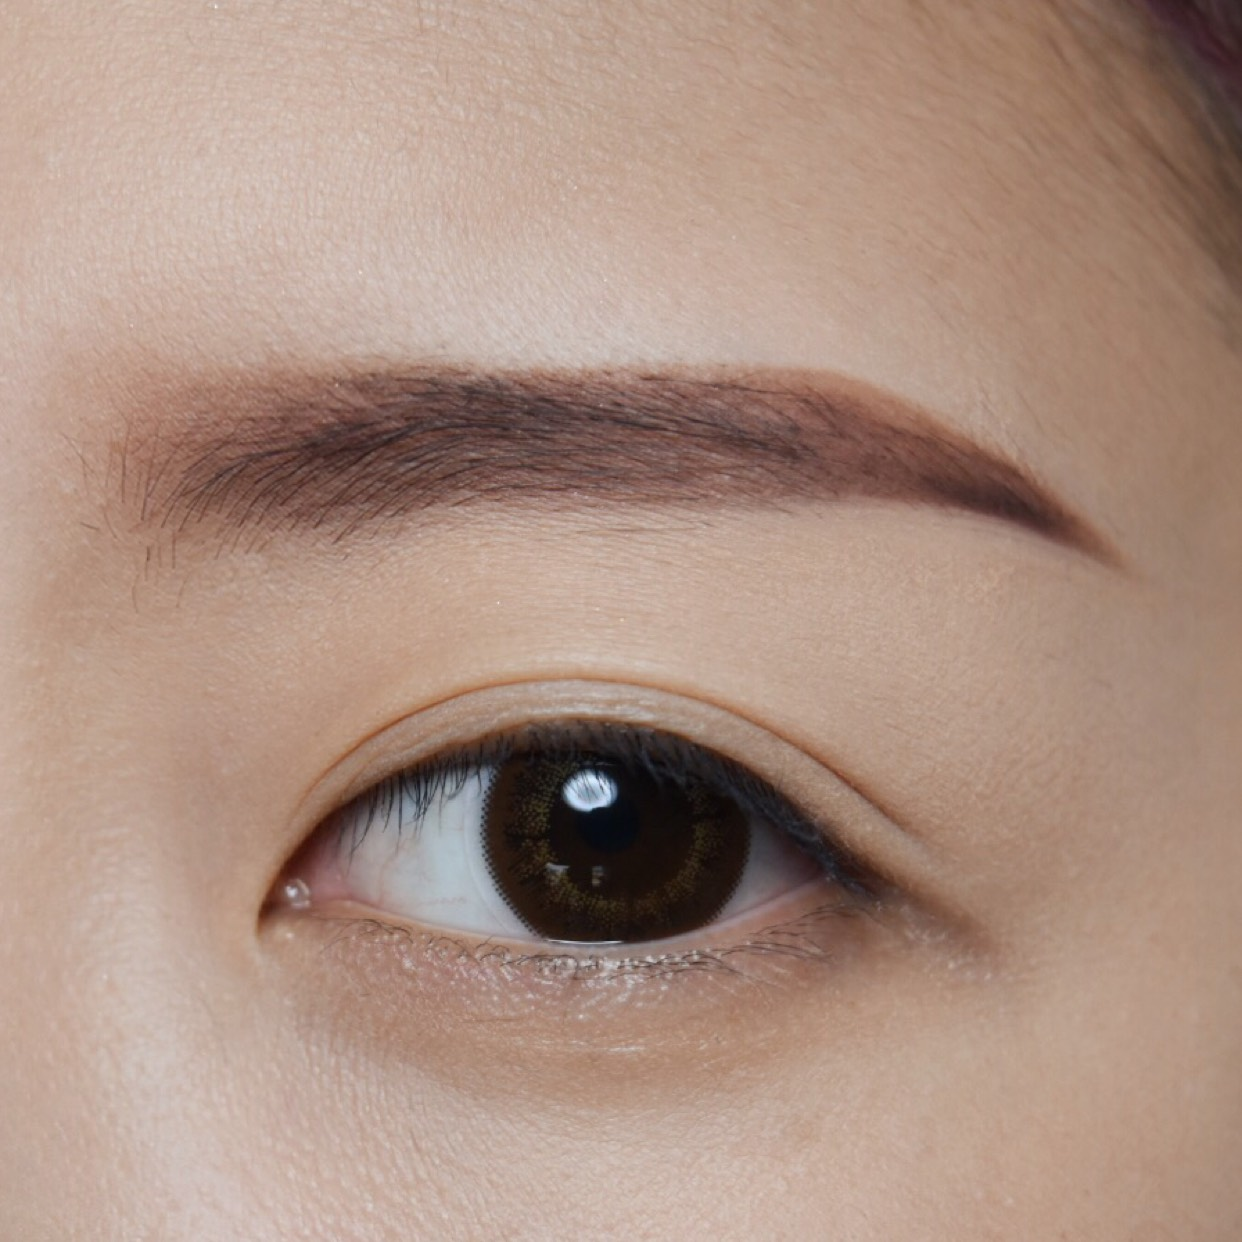 パウダーで馴染ますと共に眉の色むらも均等にしていきます